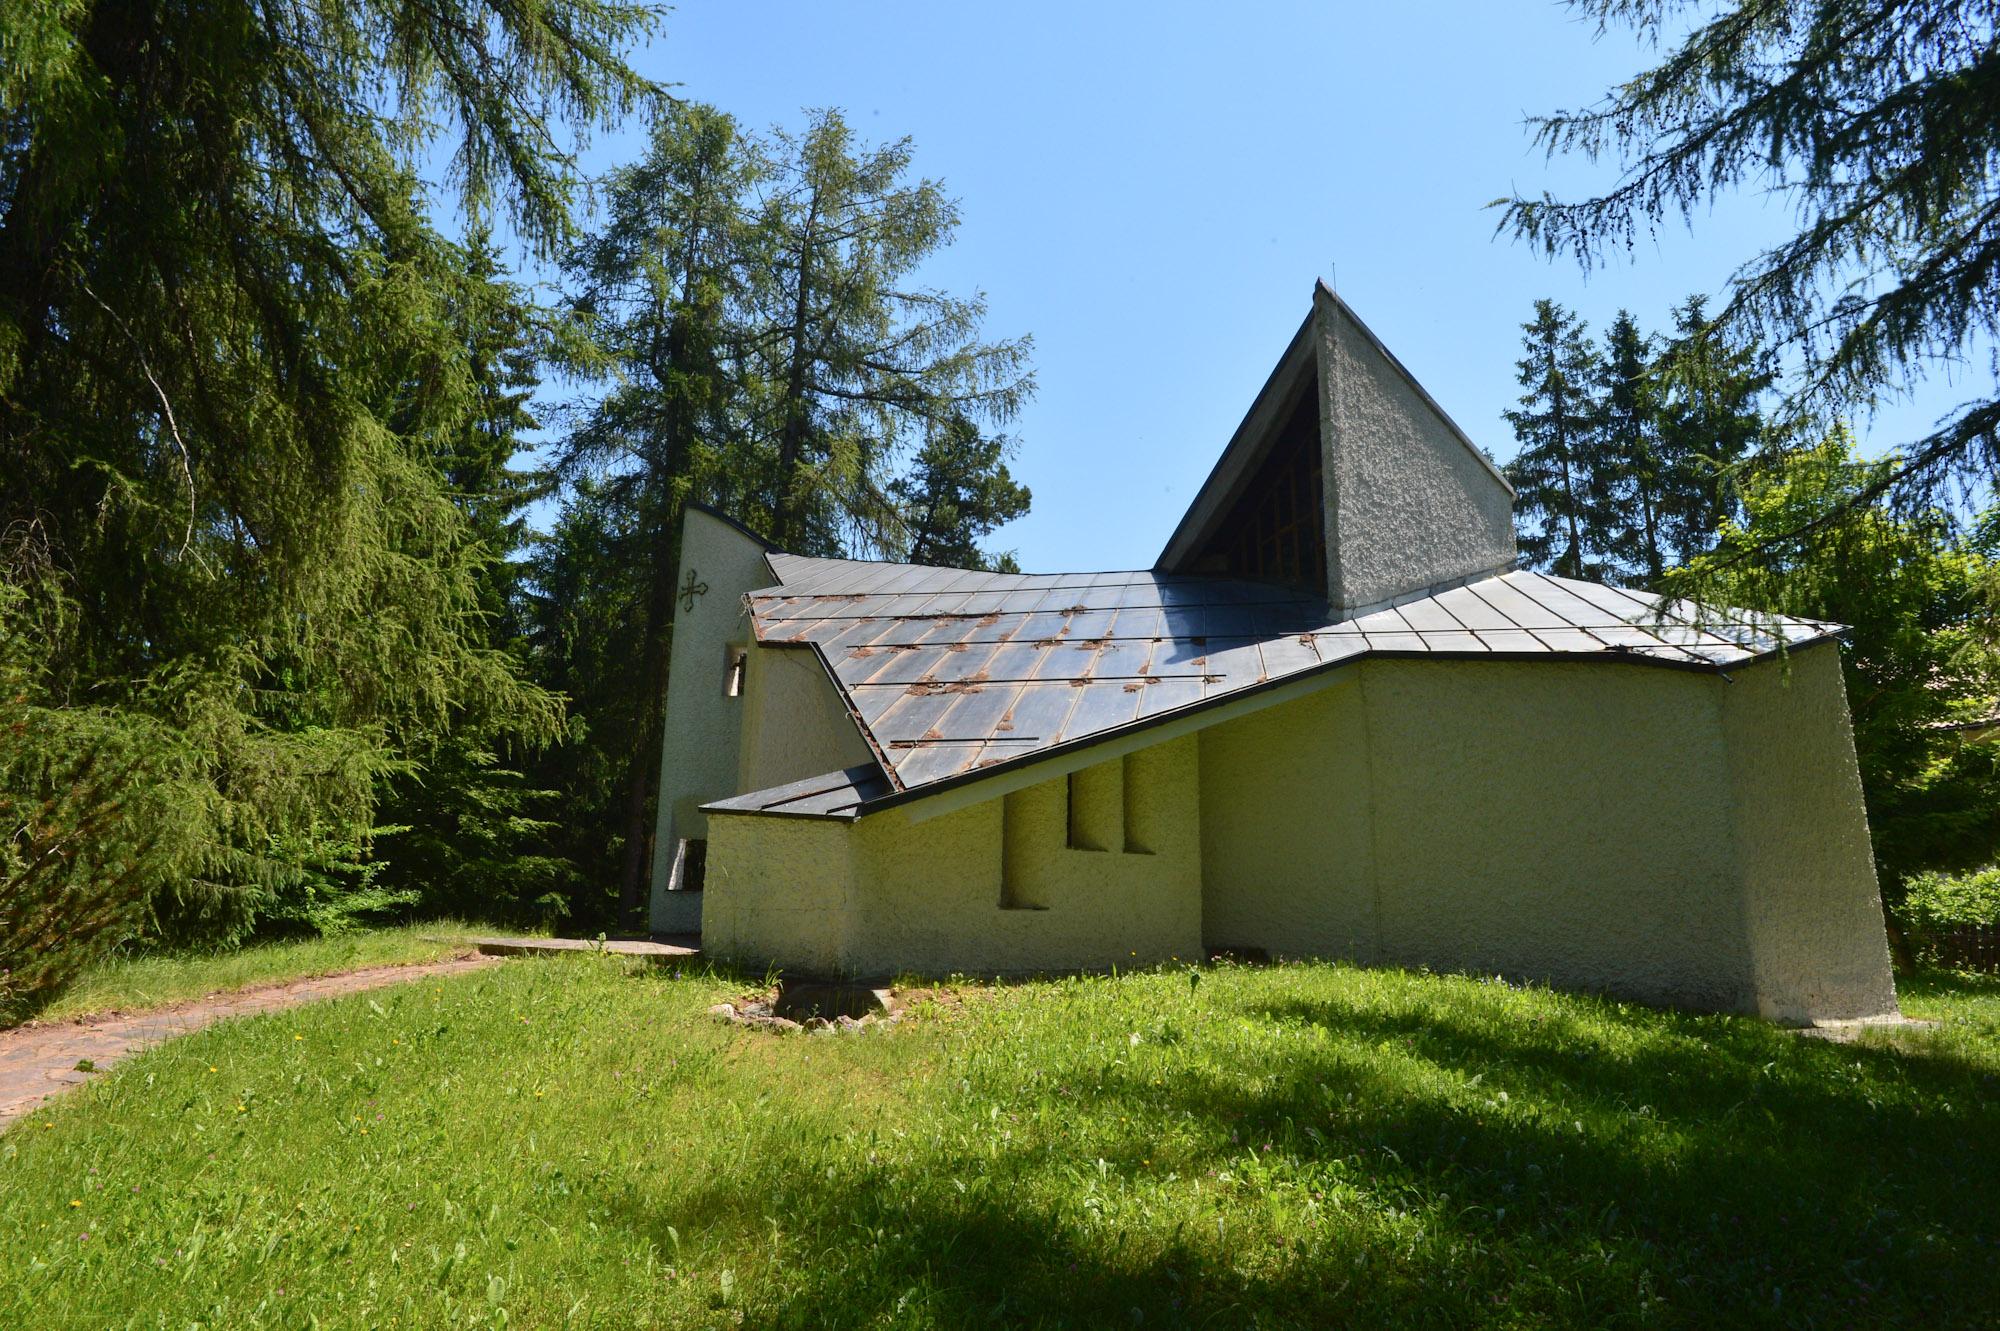 La chiesetta - Soggiorno Alpino